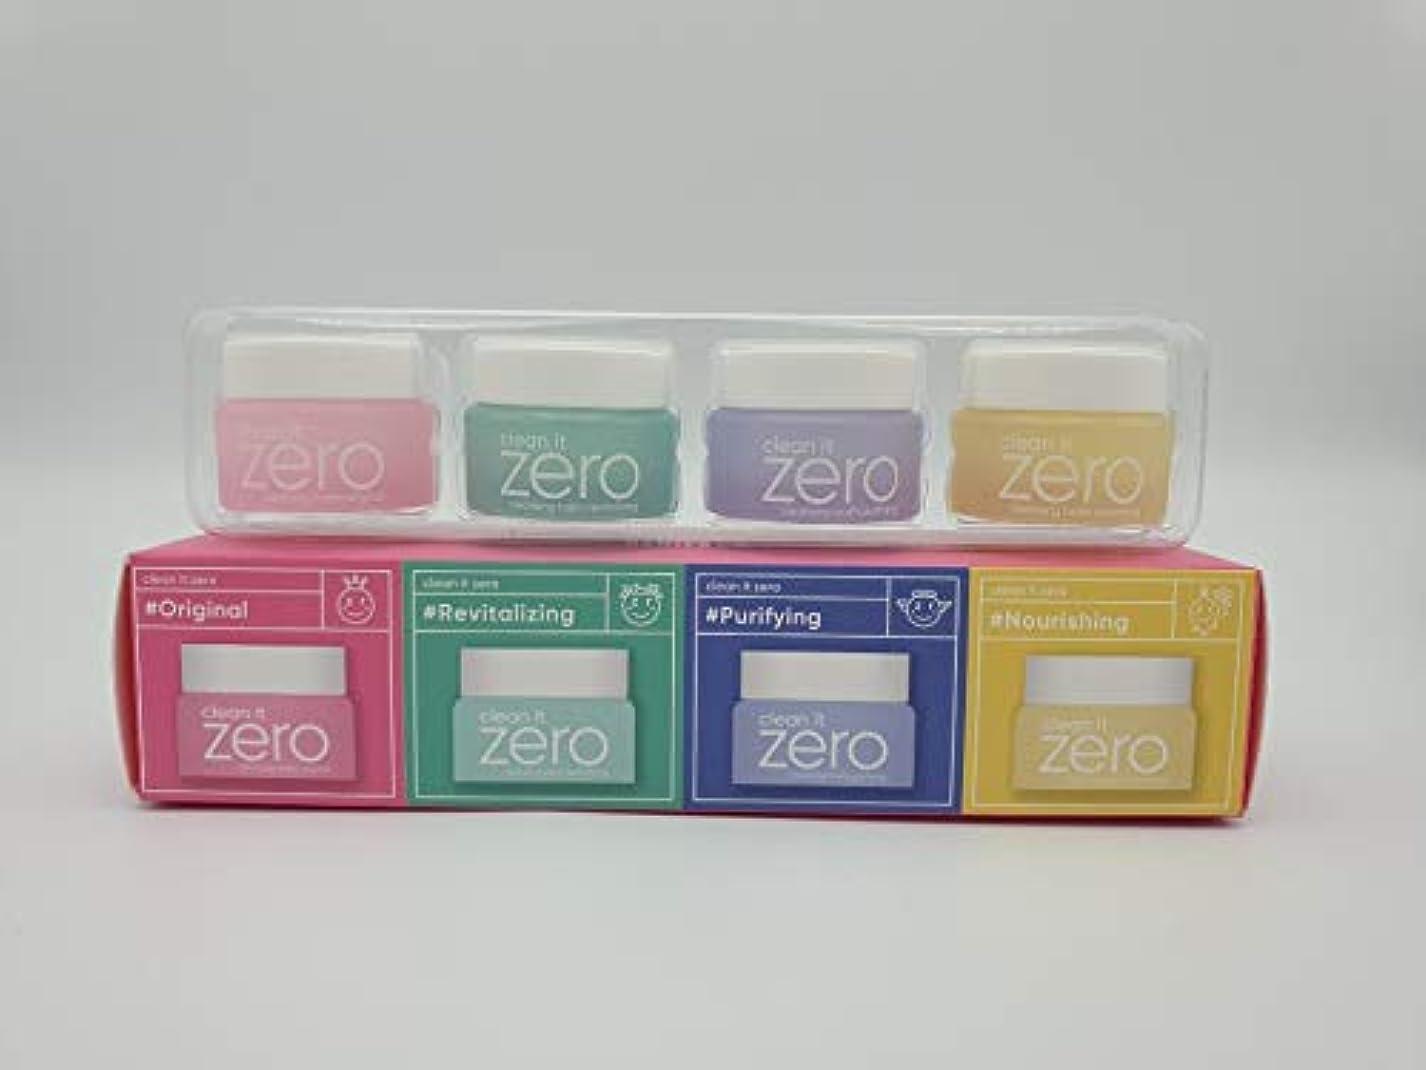 月面くそー知っているに立ち寄るBANILA CO Clean It Zero Special Kit (7ml×4items)/バニラコ クリーン イット ゼロ スペシャル キット (7ml×4種) [並行輸入品]